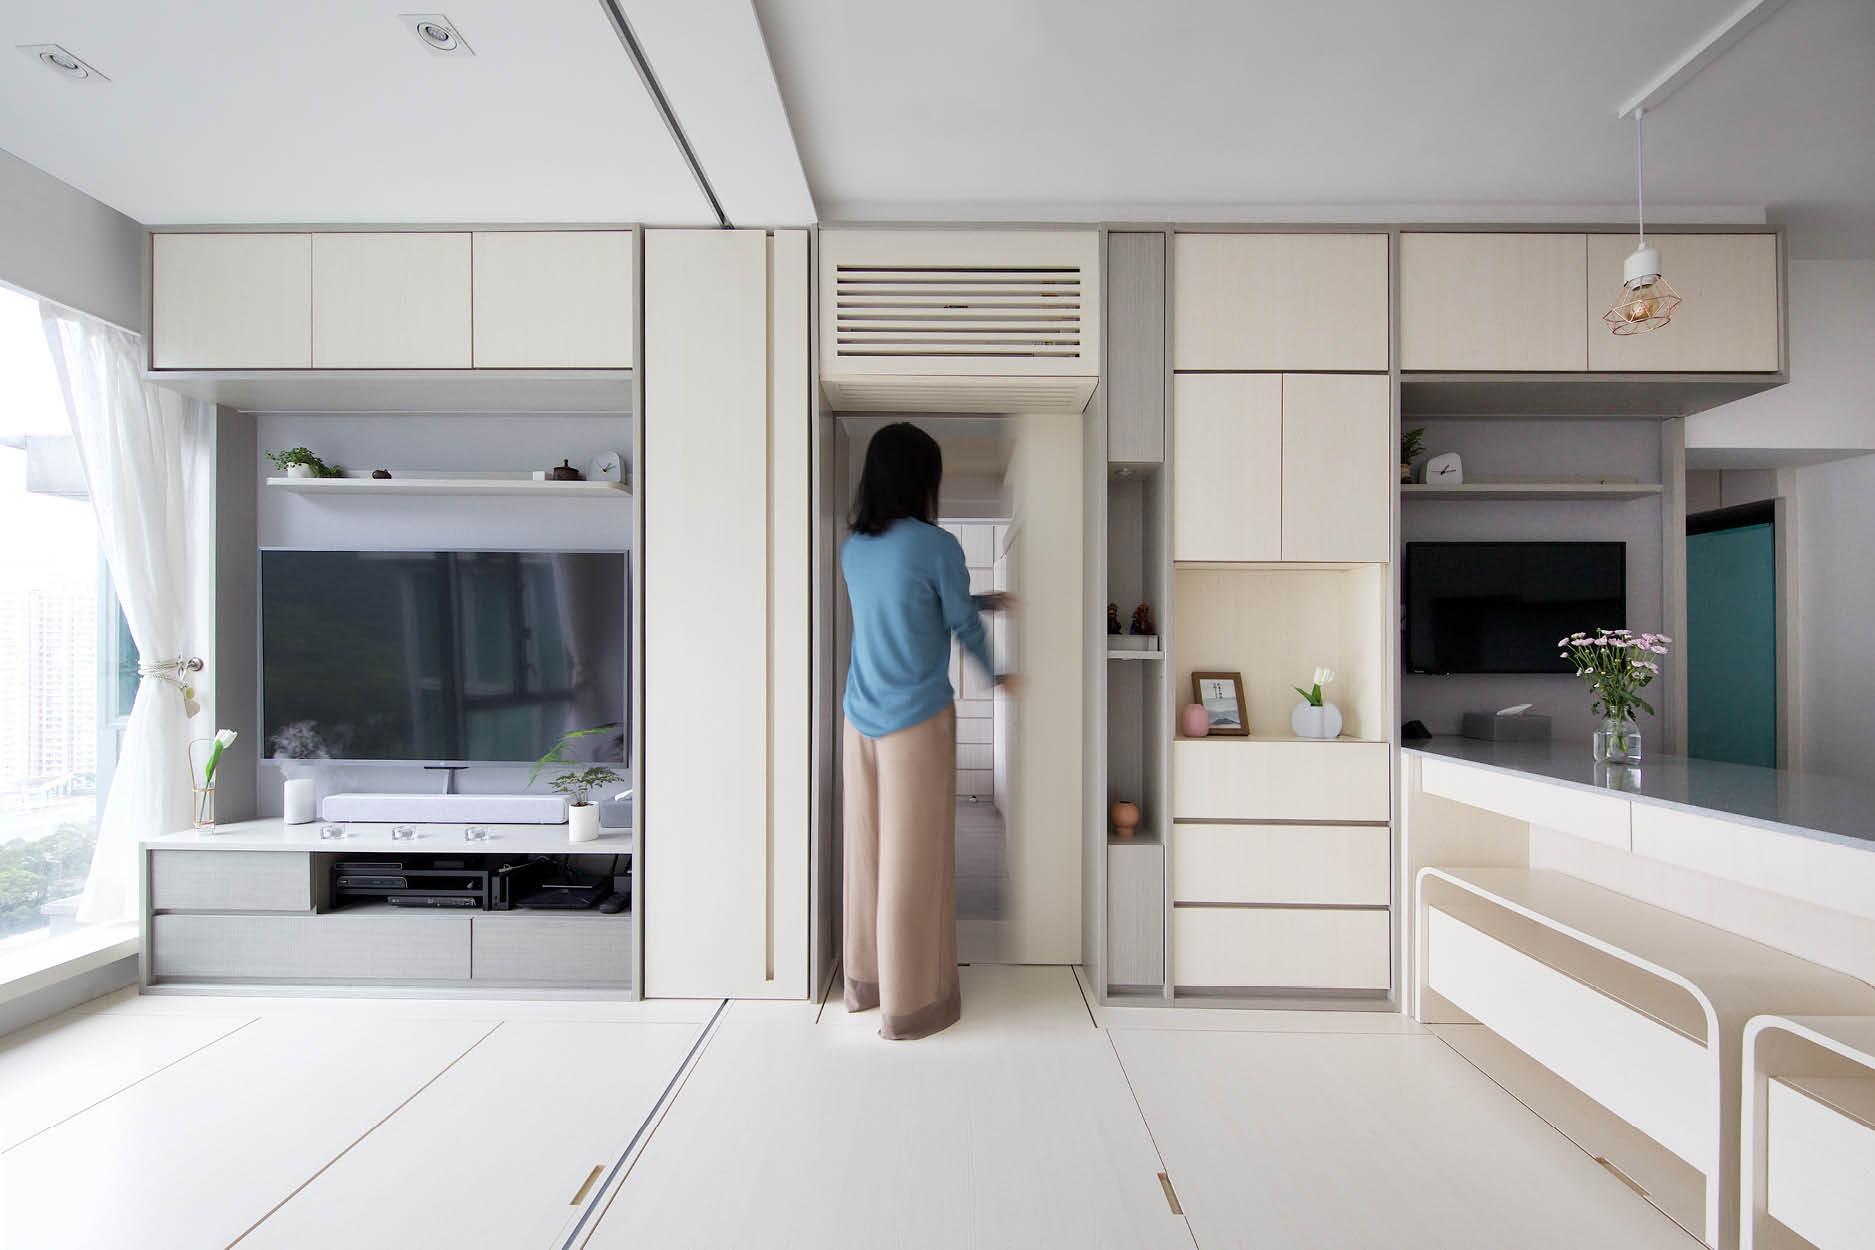 Căn hộ 45m² với mẹo bố trí hợp phong thủy giúp không gian thêm vượng khí, vợ chồng thêm thuận hòa  - Ảnh 2.